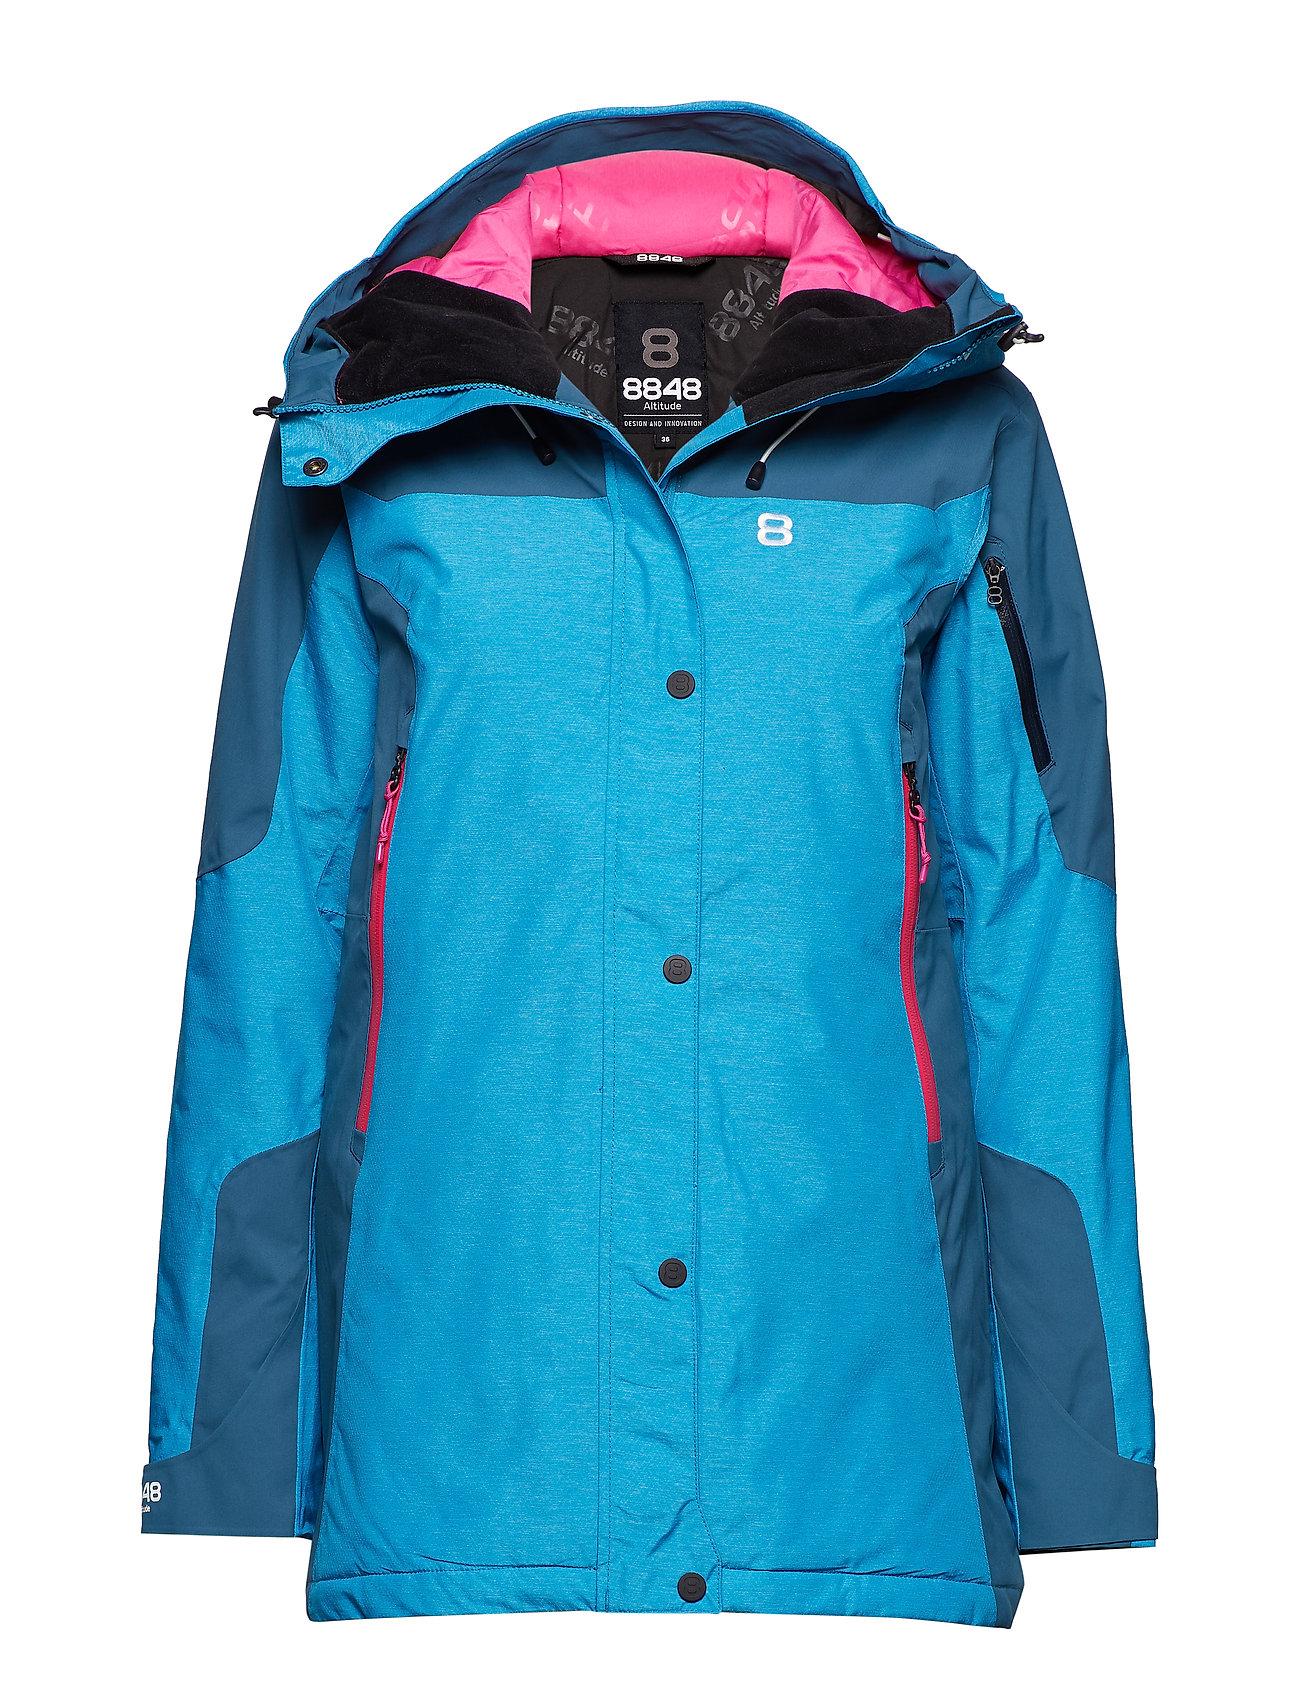 8848 Altitude Sienna W Jacket